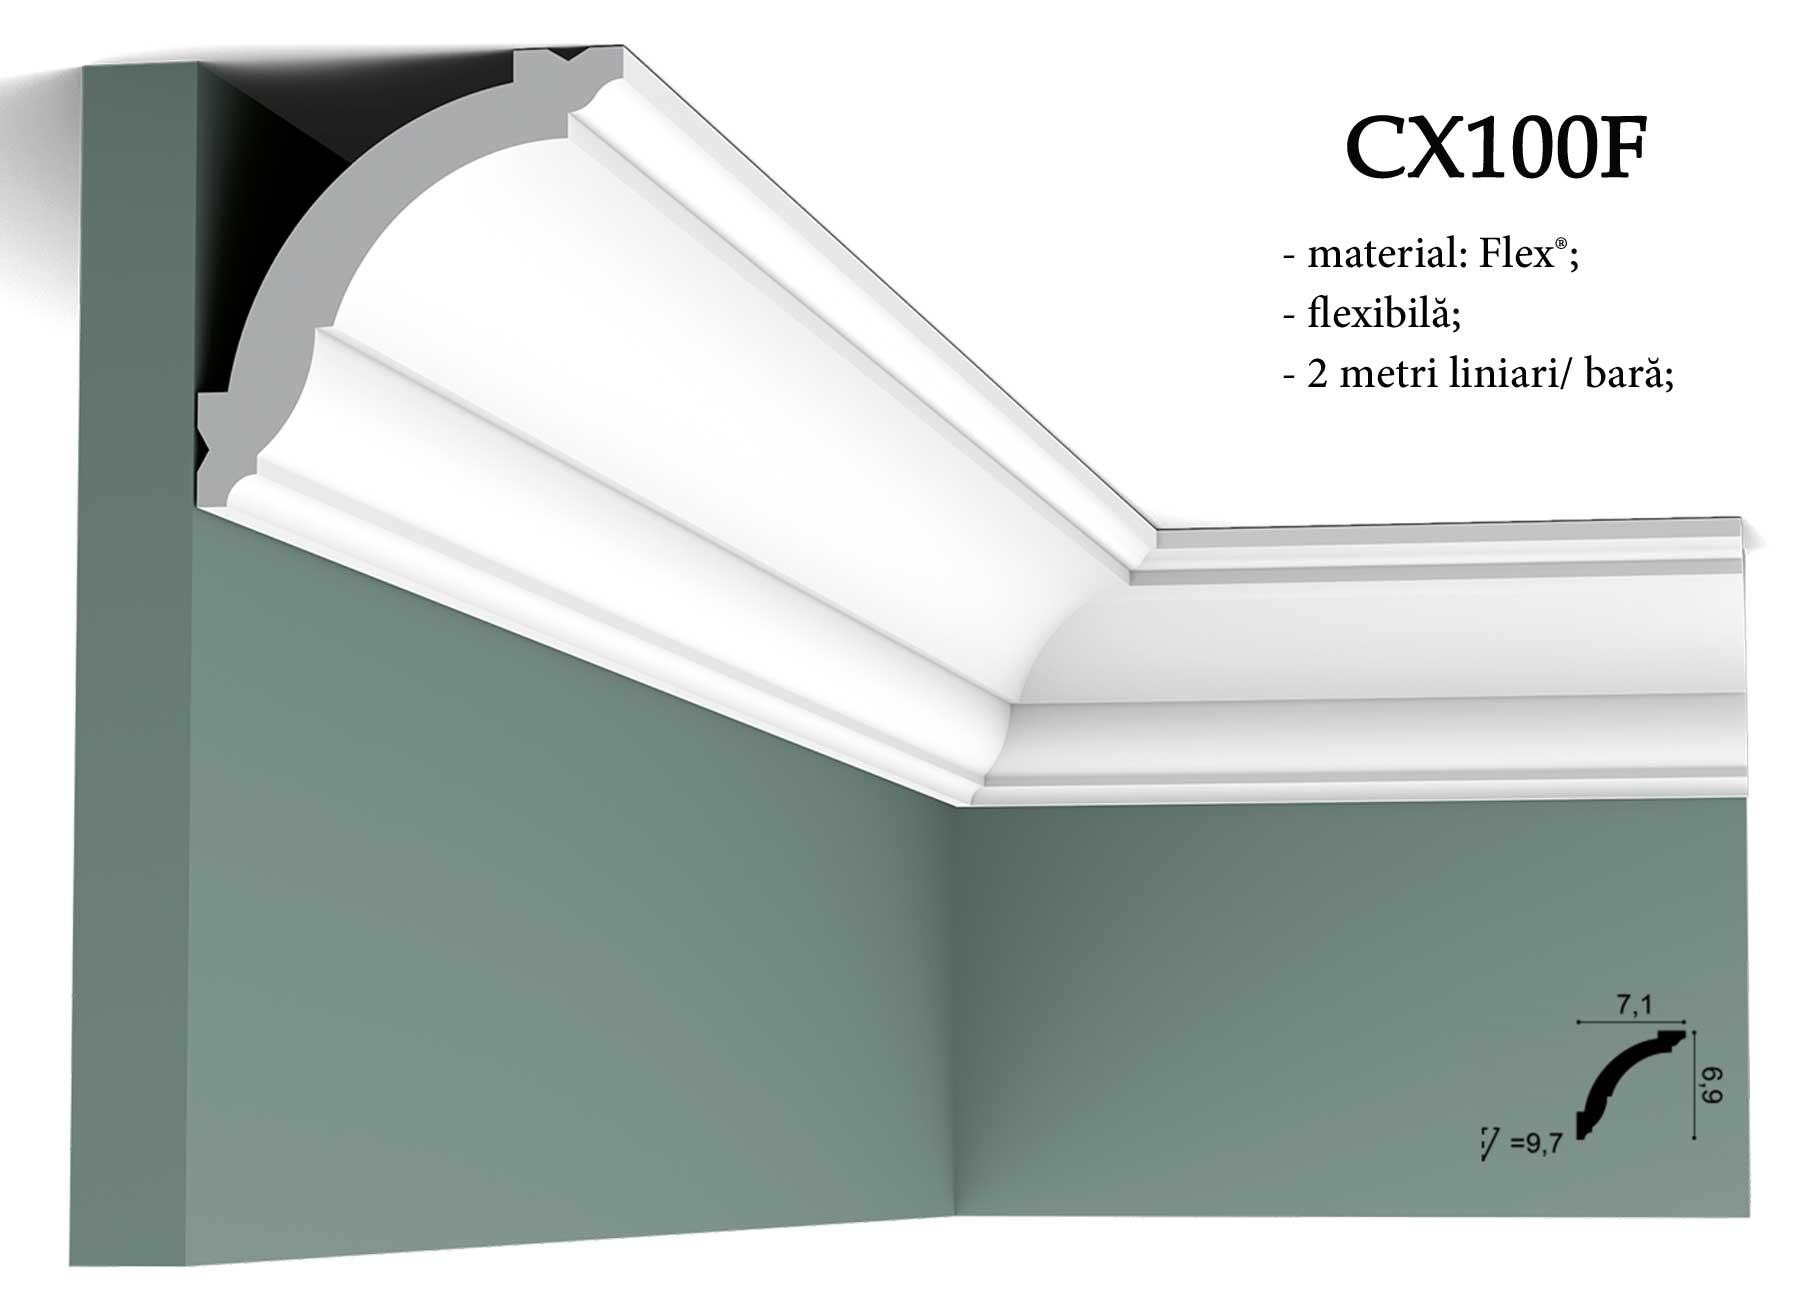 CX100F Cornisa flexibila decorativa pentru tavan Orac Decor.